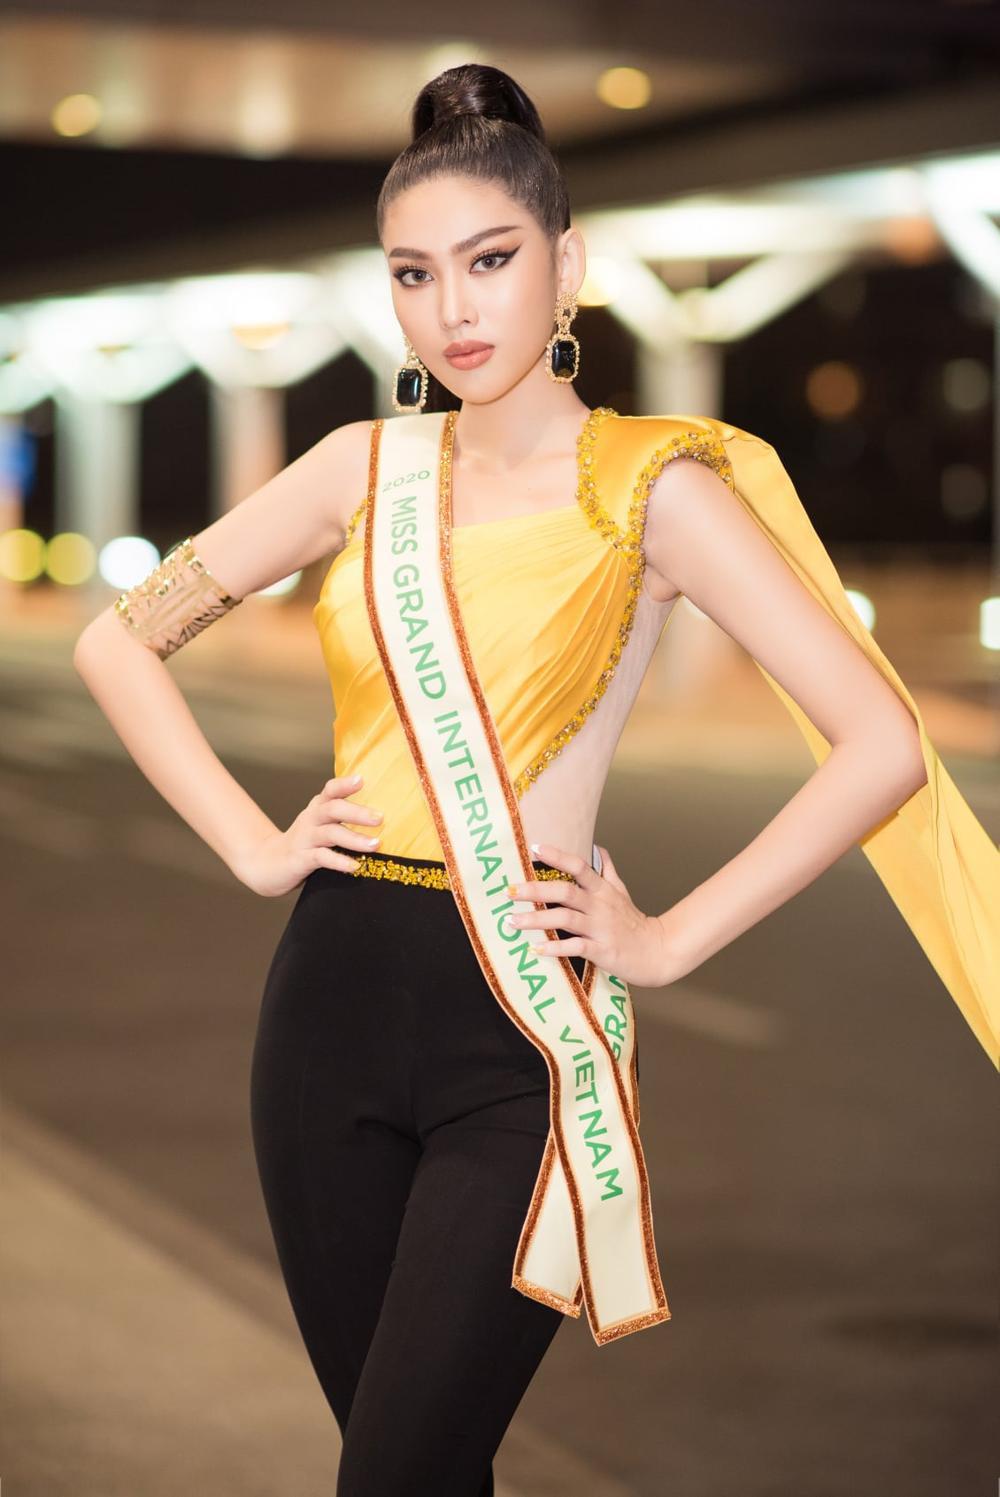 Hành trình lọt Top 20 của Ngọc Thảo: Nàng hậu 21 tuổi bản lĩnh chinh phục Miss Grand giữa mùa dịch! Ảnh 3